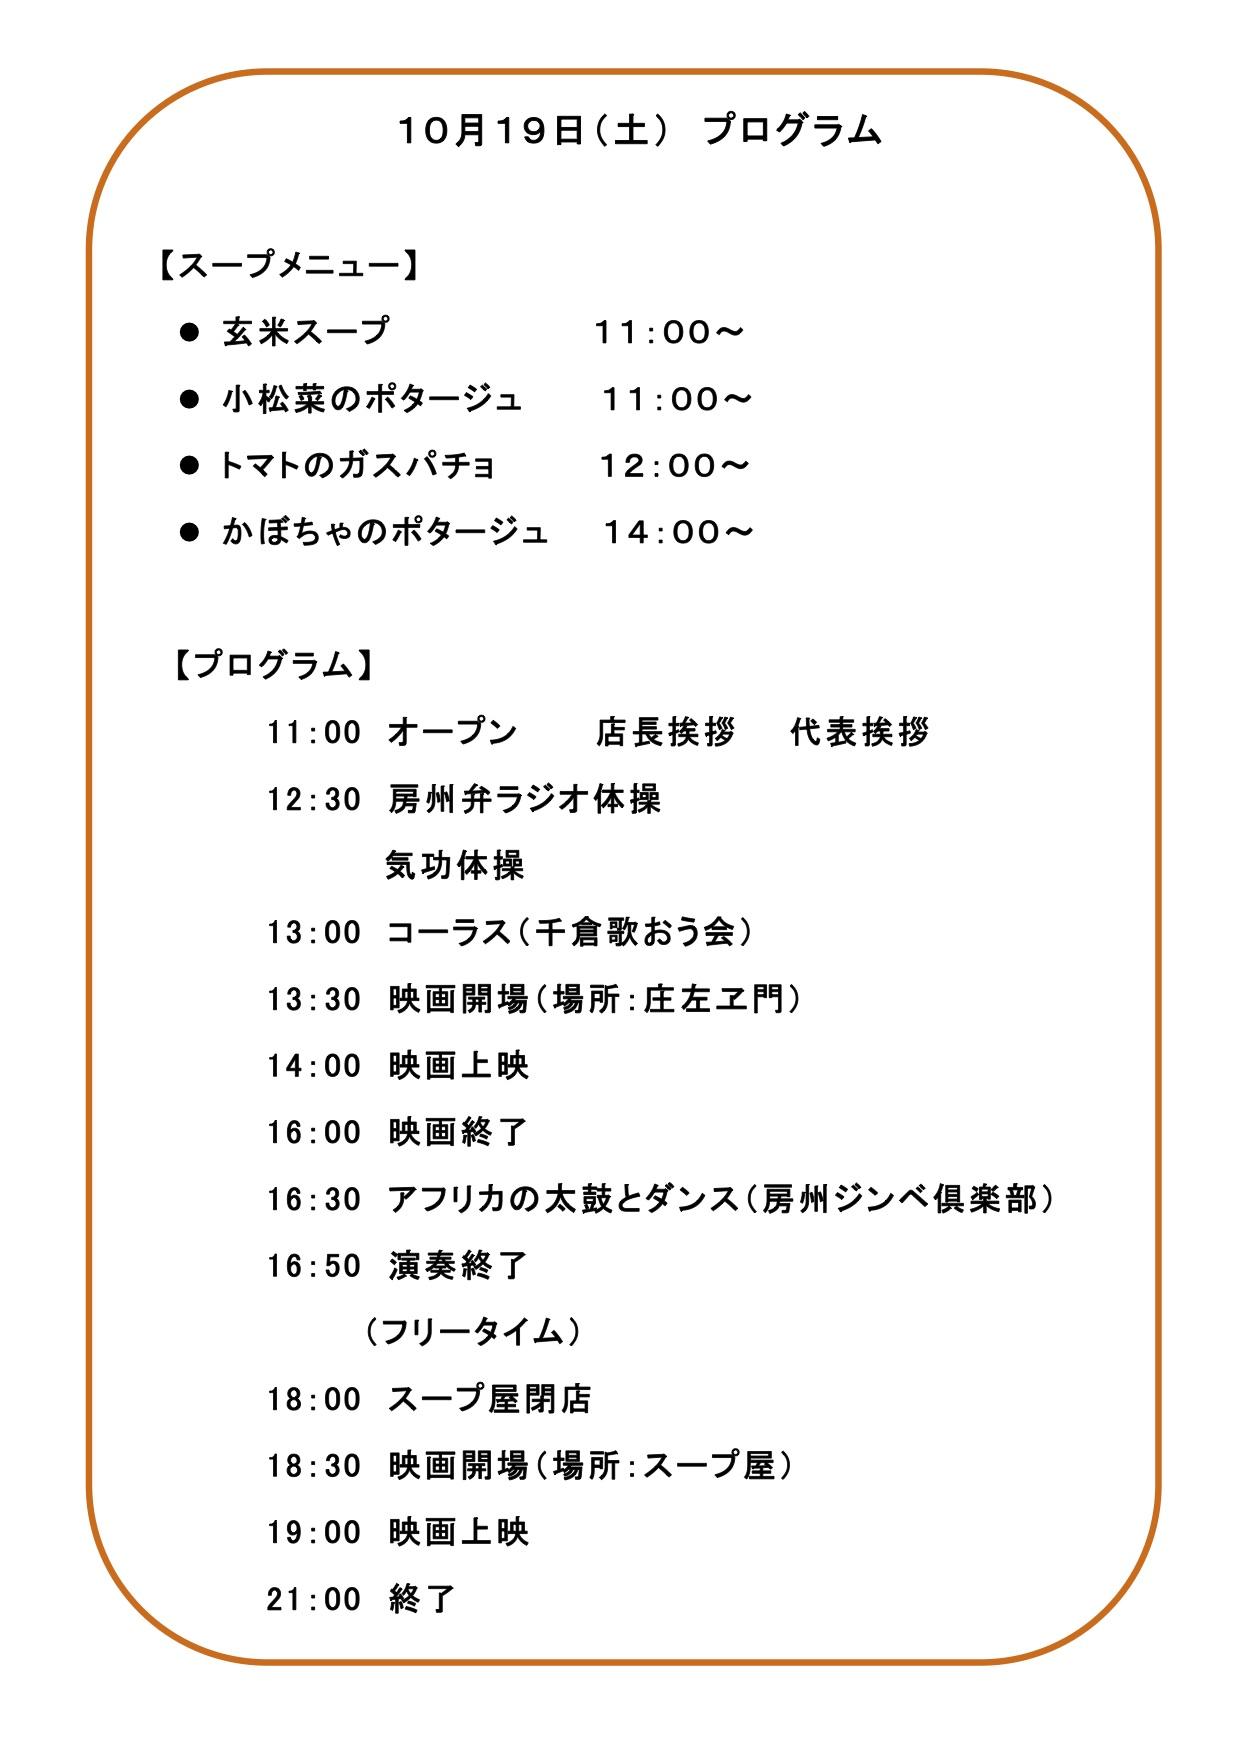 オープンイベントプログラム